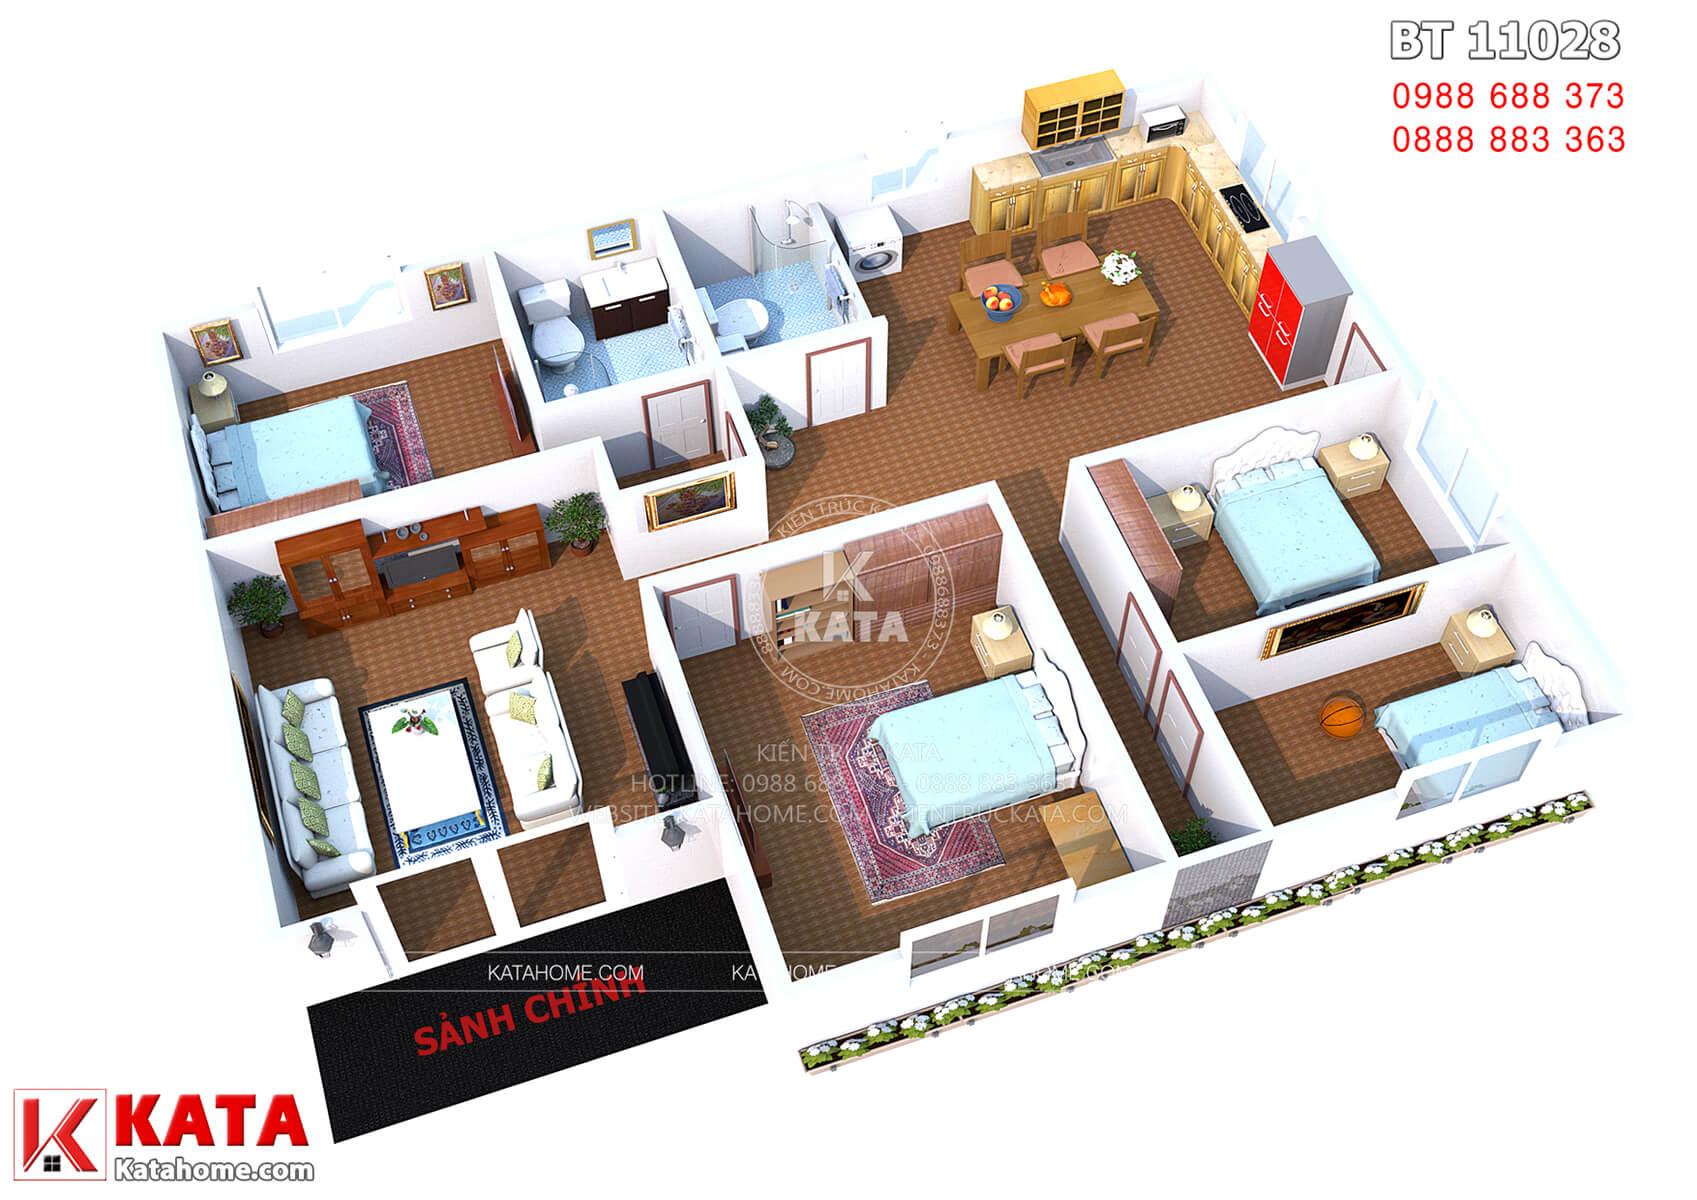 Thiết kế biệt thự nhà cấp 4 120m2 – Mã số: BT 11028